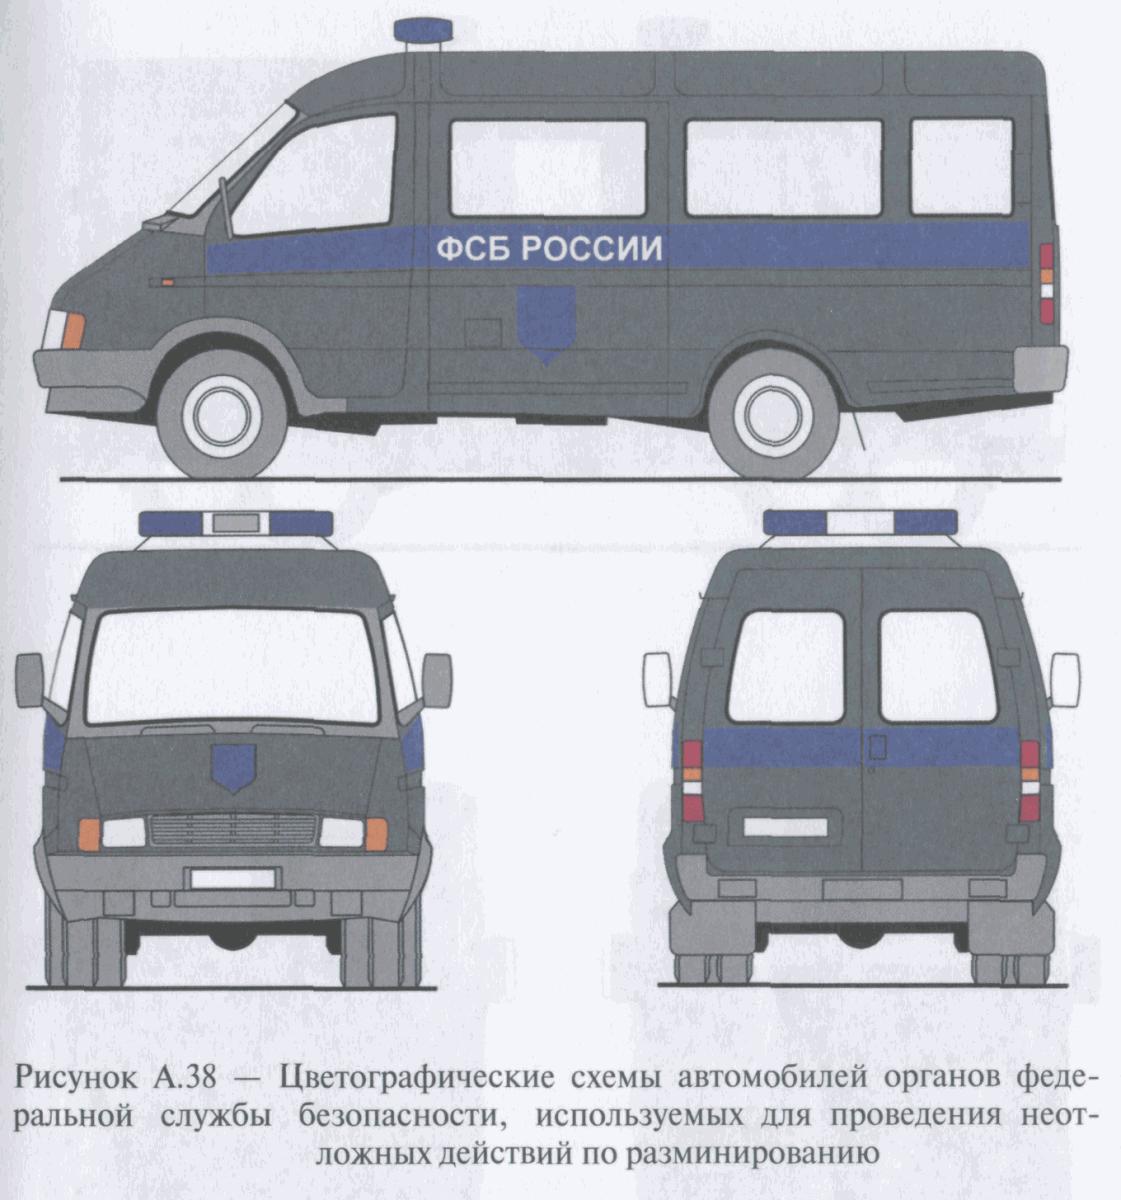 РИСУНОК A.38 (К ИЗМЕНЕНИЮ N 2 ГОСТ Р 50574-2002)